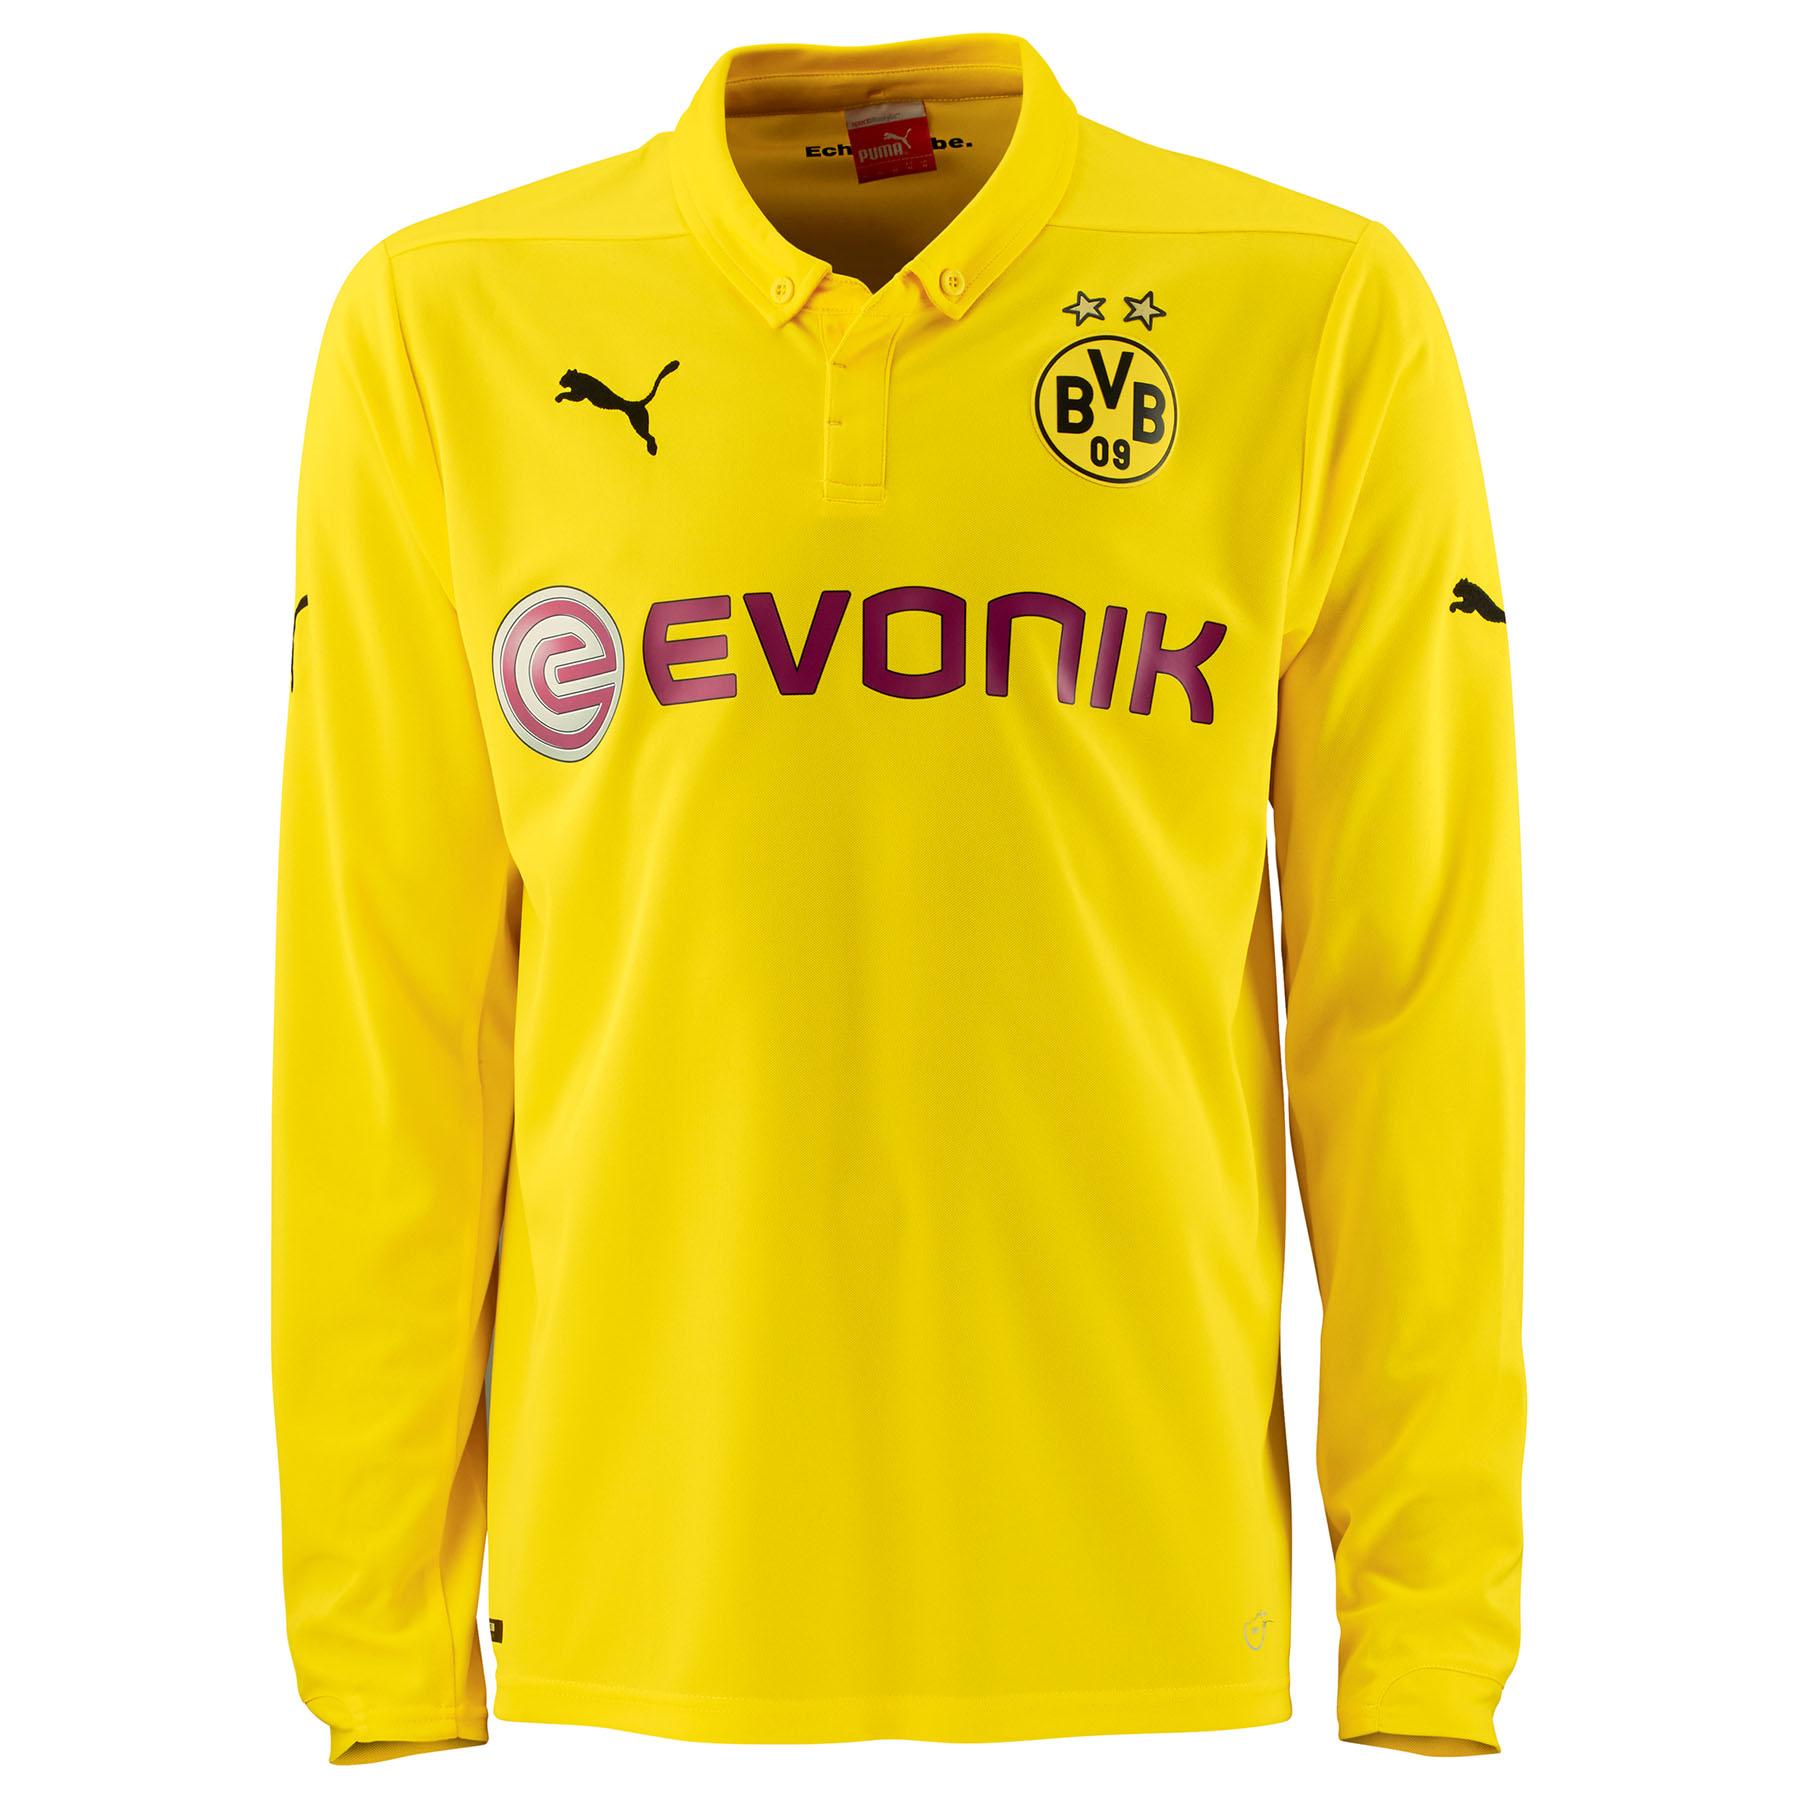 BVB International Home Shirt 2014/15 - Long Sleeve - Kids